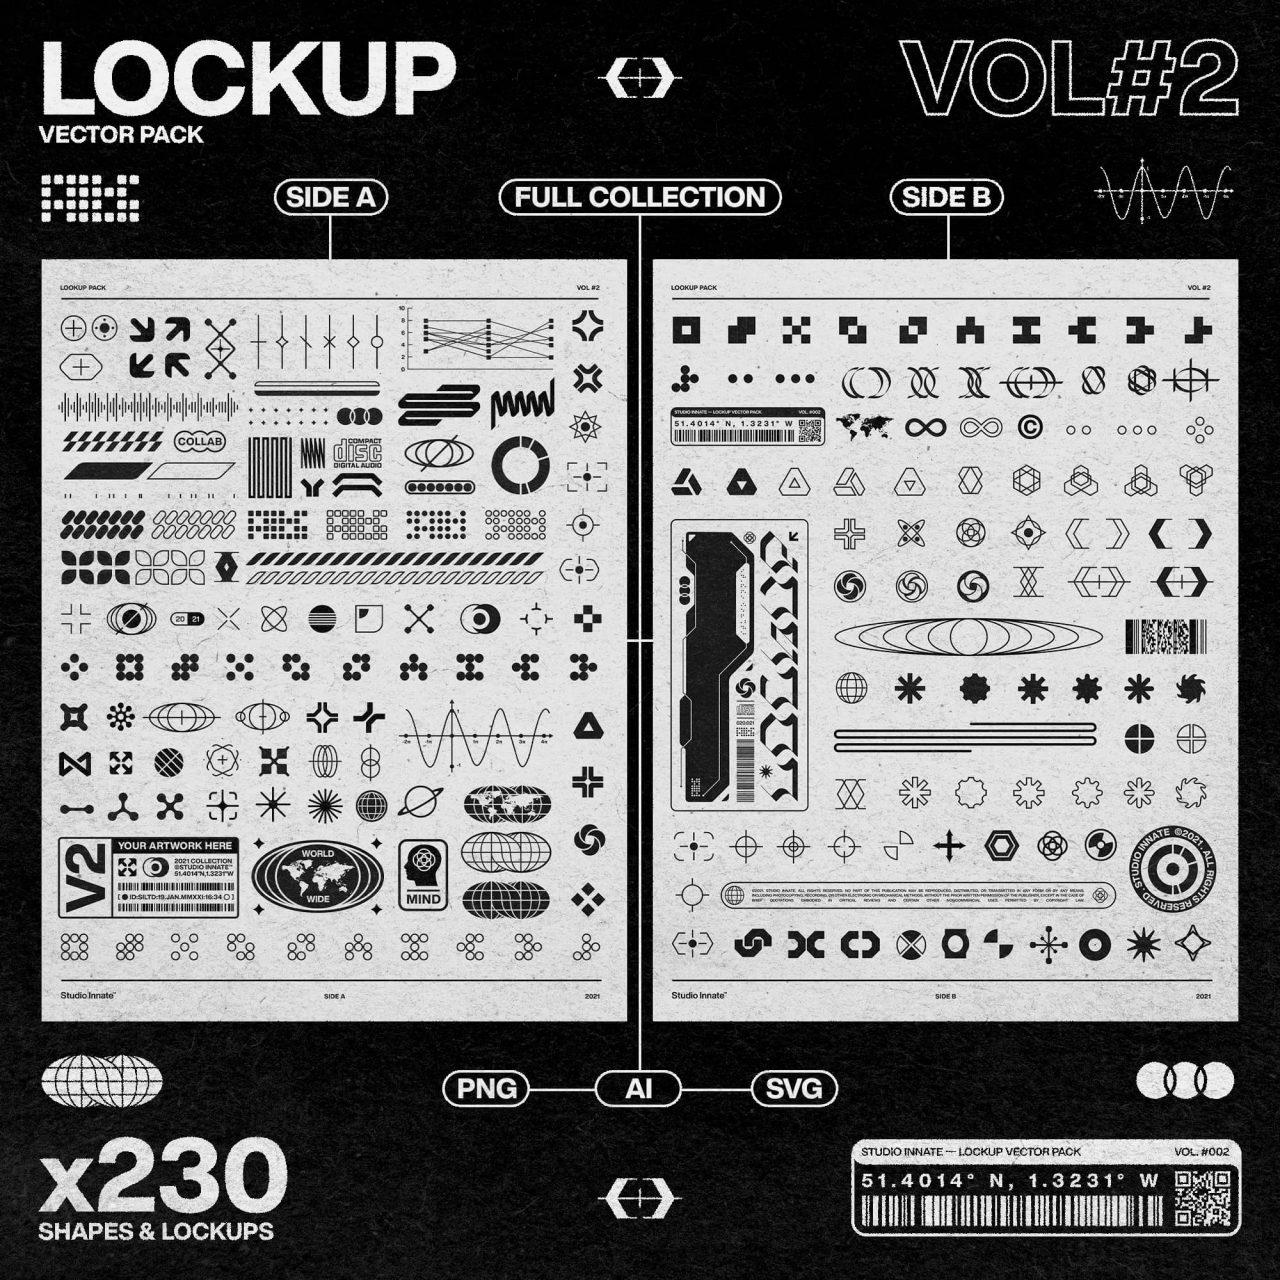 [单独购买] 230款时尚潮流现代艺术几何赛博朋克Logo图形AI矢量设计素材 Studio Innate – Lockup Vector Pack Vol.2插图